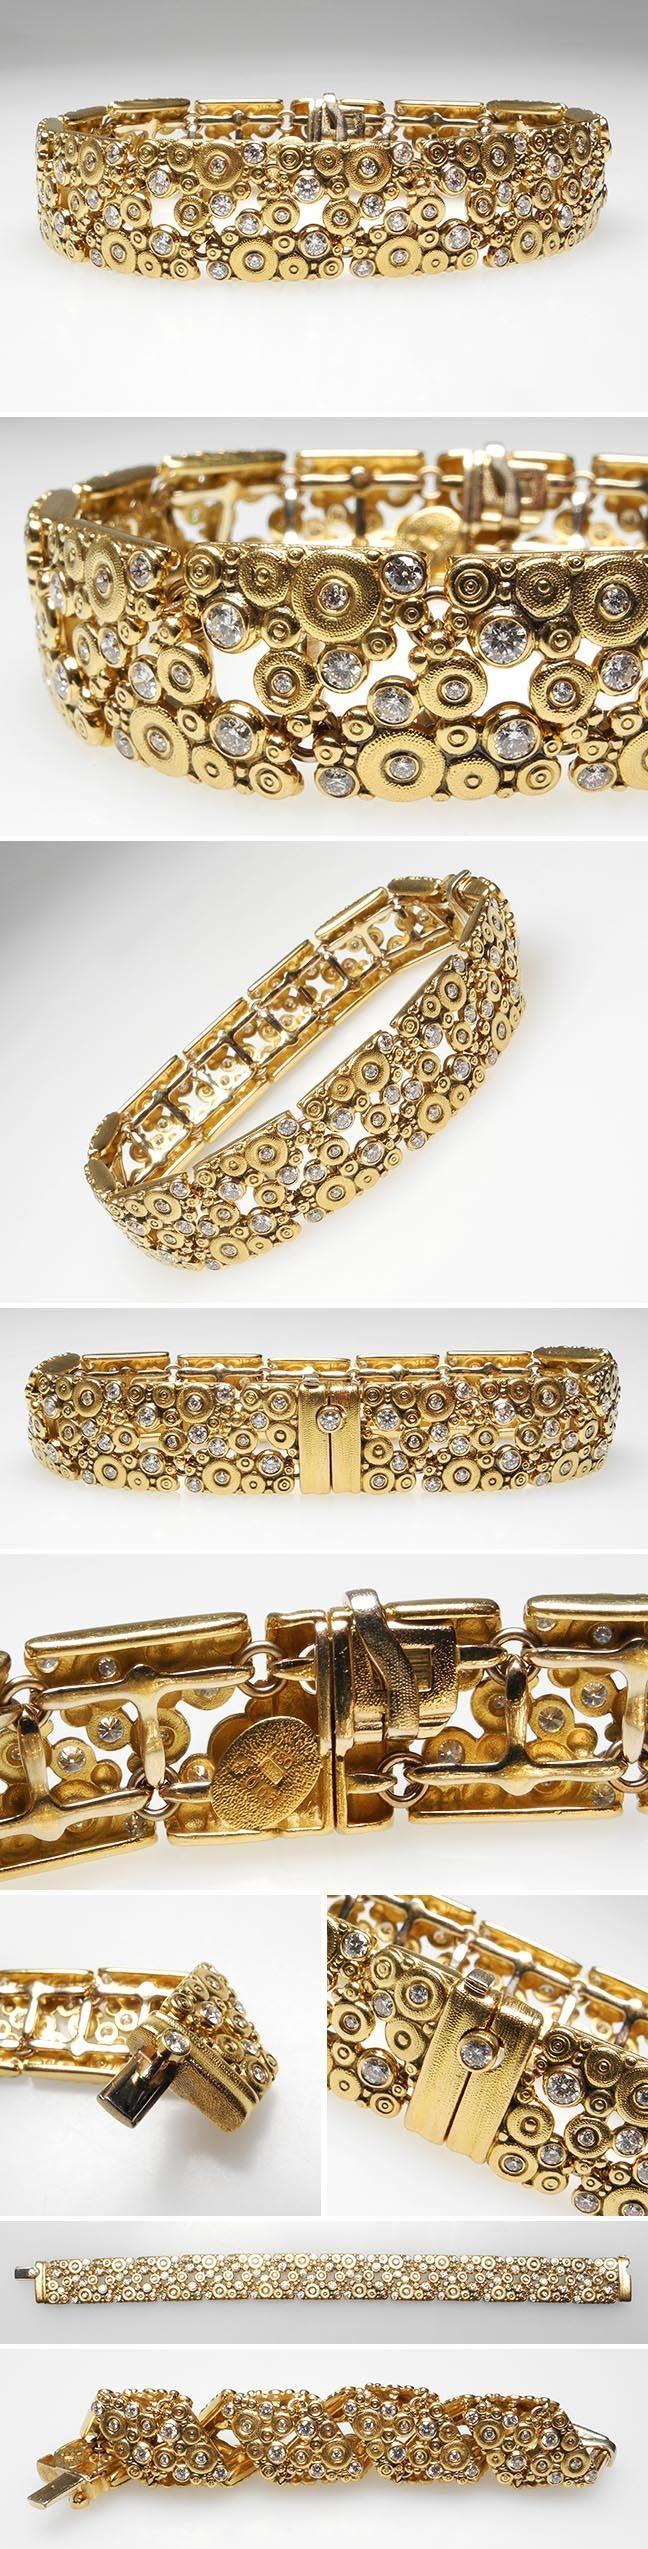 18k yellow gold bracelet by Alex Sepkus